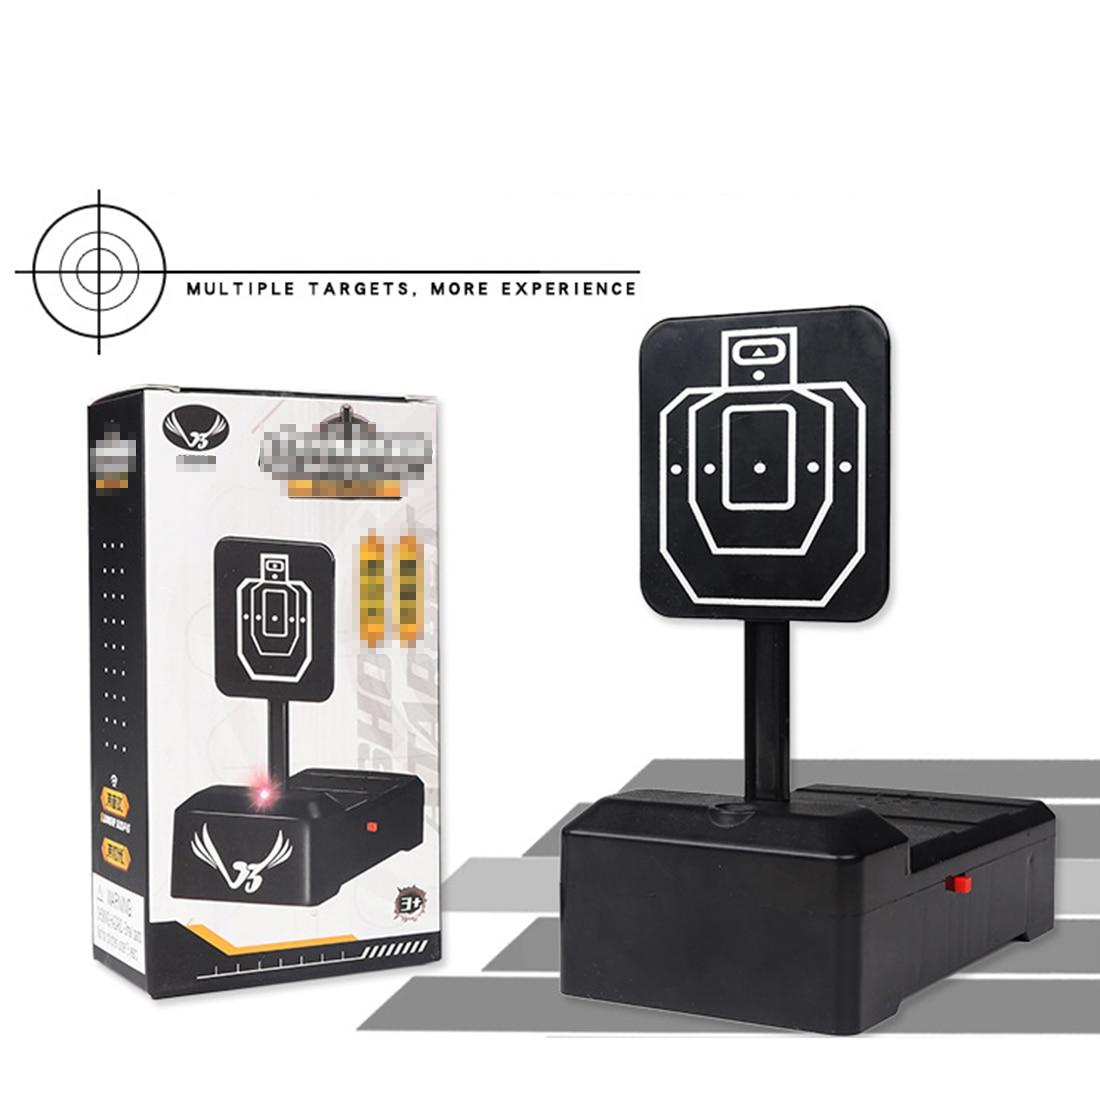 Electronic Scoring Target Automatic Return Scoring Target For Water Gel Beads Nerf RoboMaster S1 Shooting Training